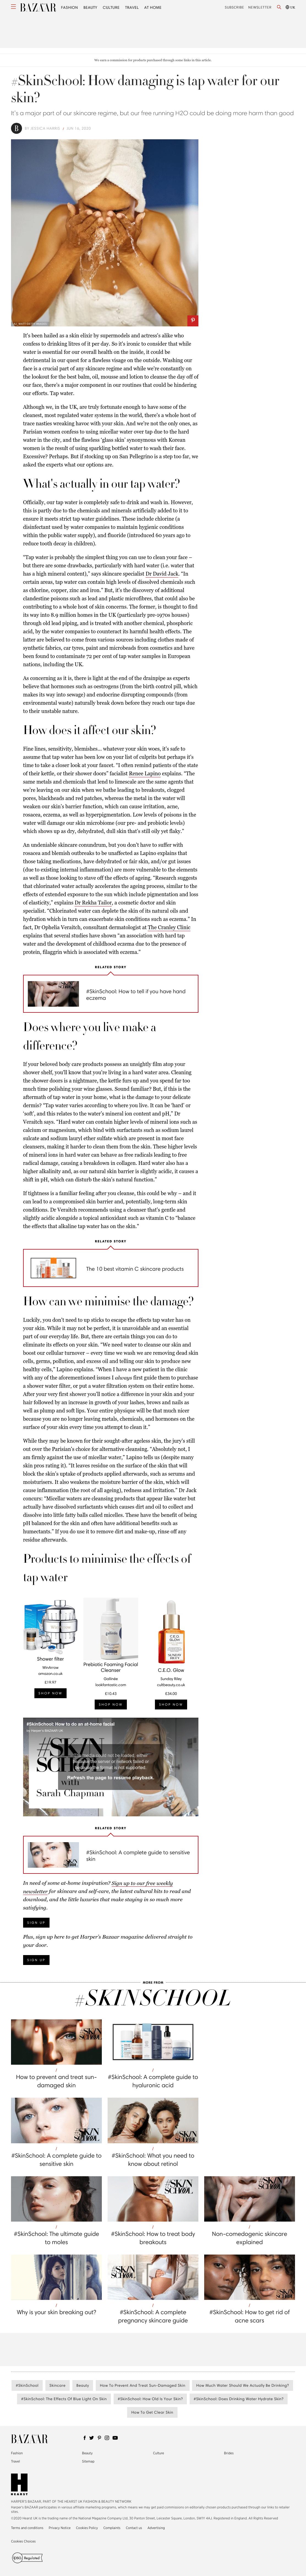 Harpers Bazaar - June 2020